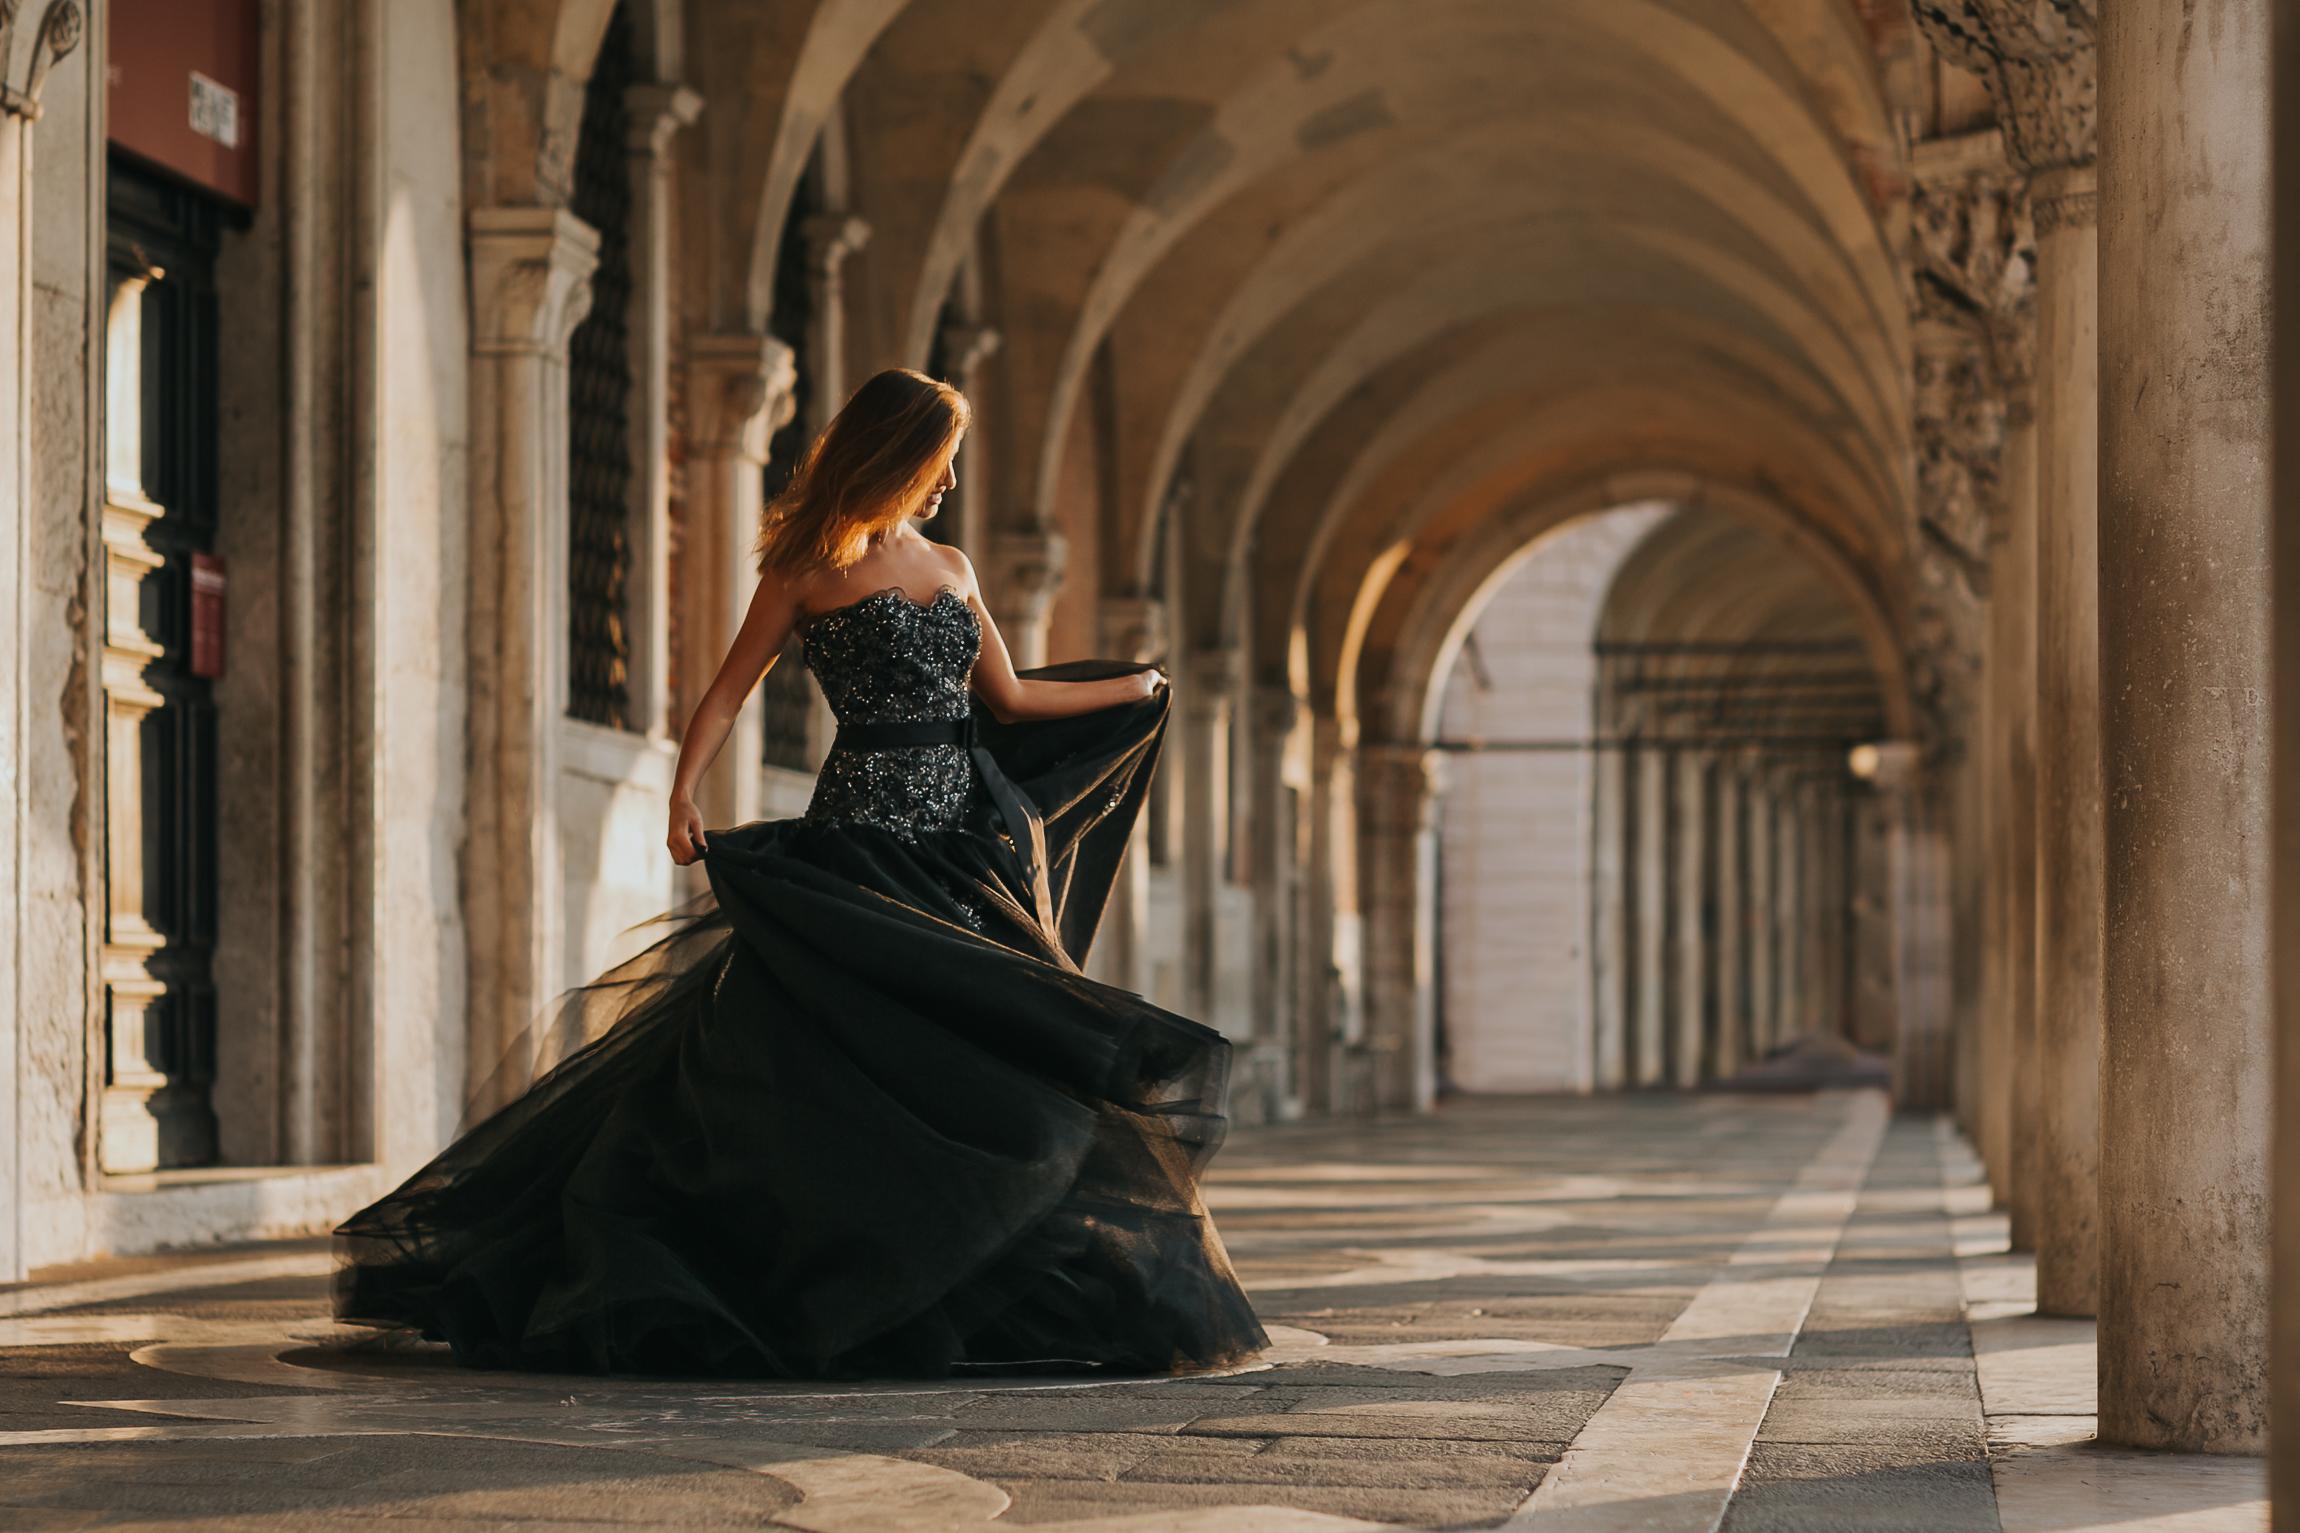 Servizio di coppia a Venezia. Serena & David. Il Blog di Michelino Studio, Fotografo di matrimonio in Veneto. Serena-David-7.jpg